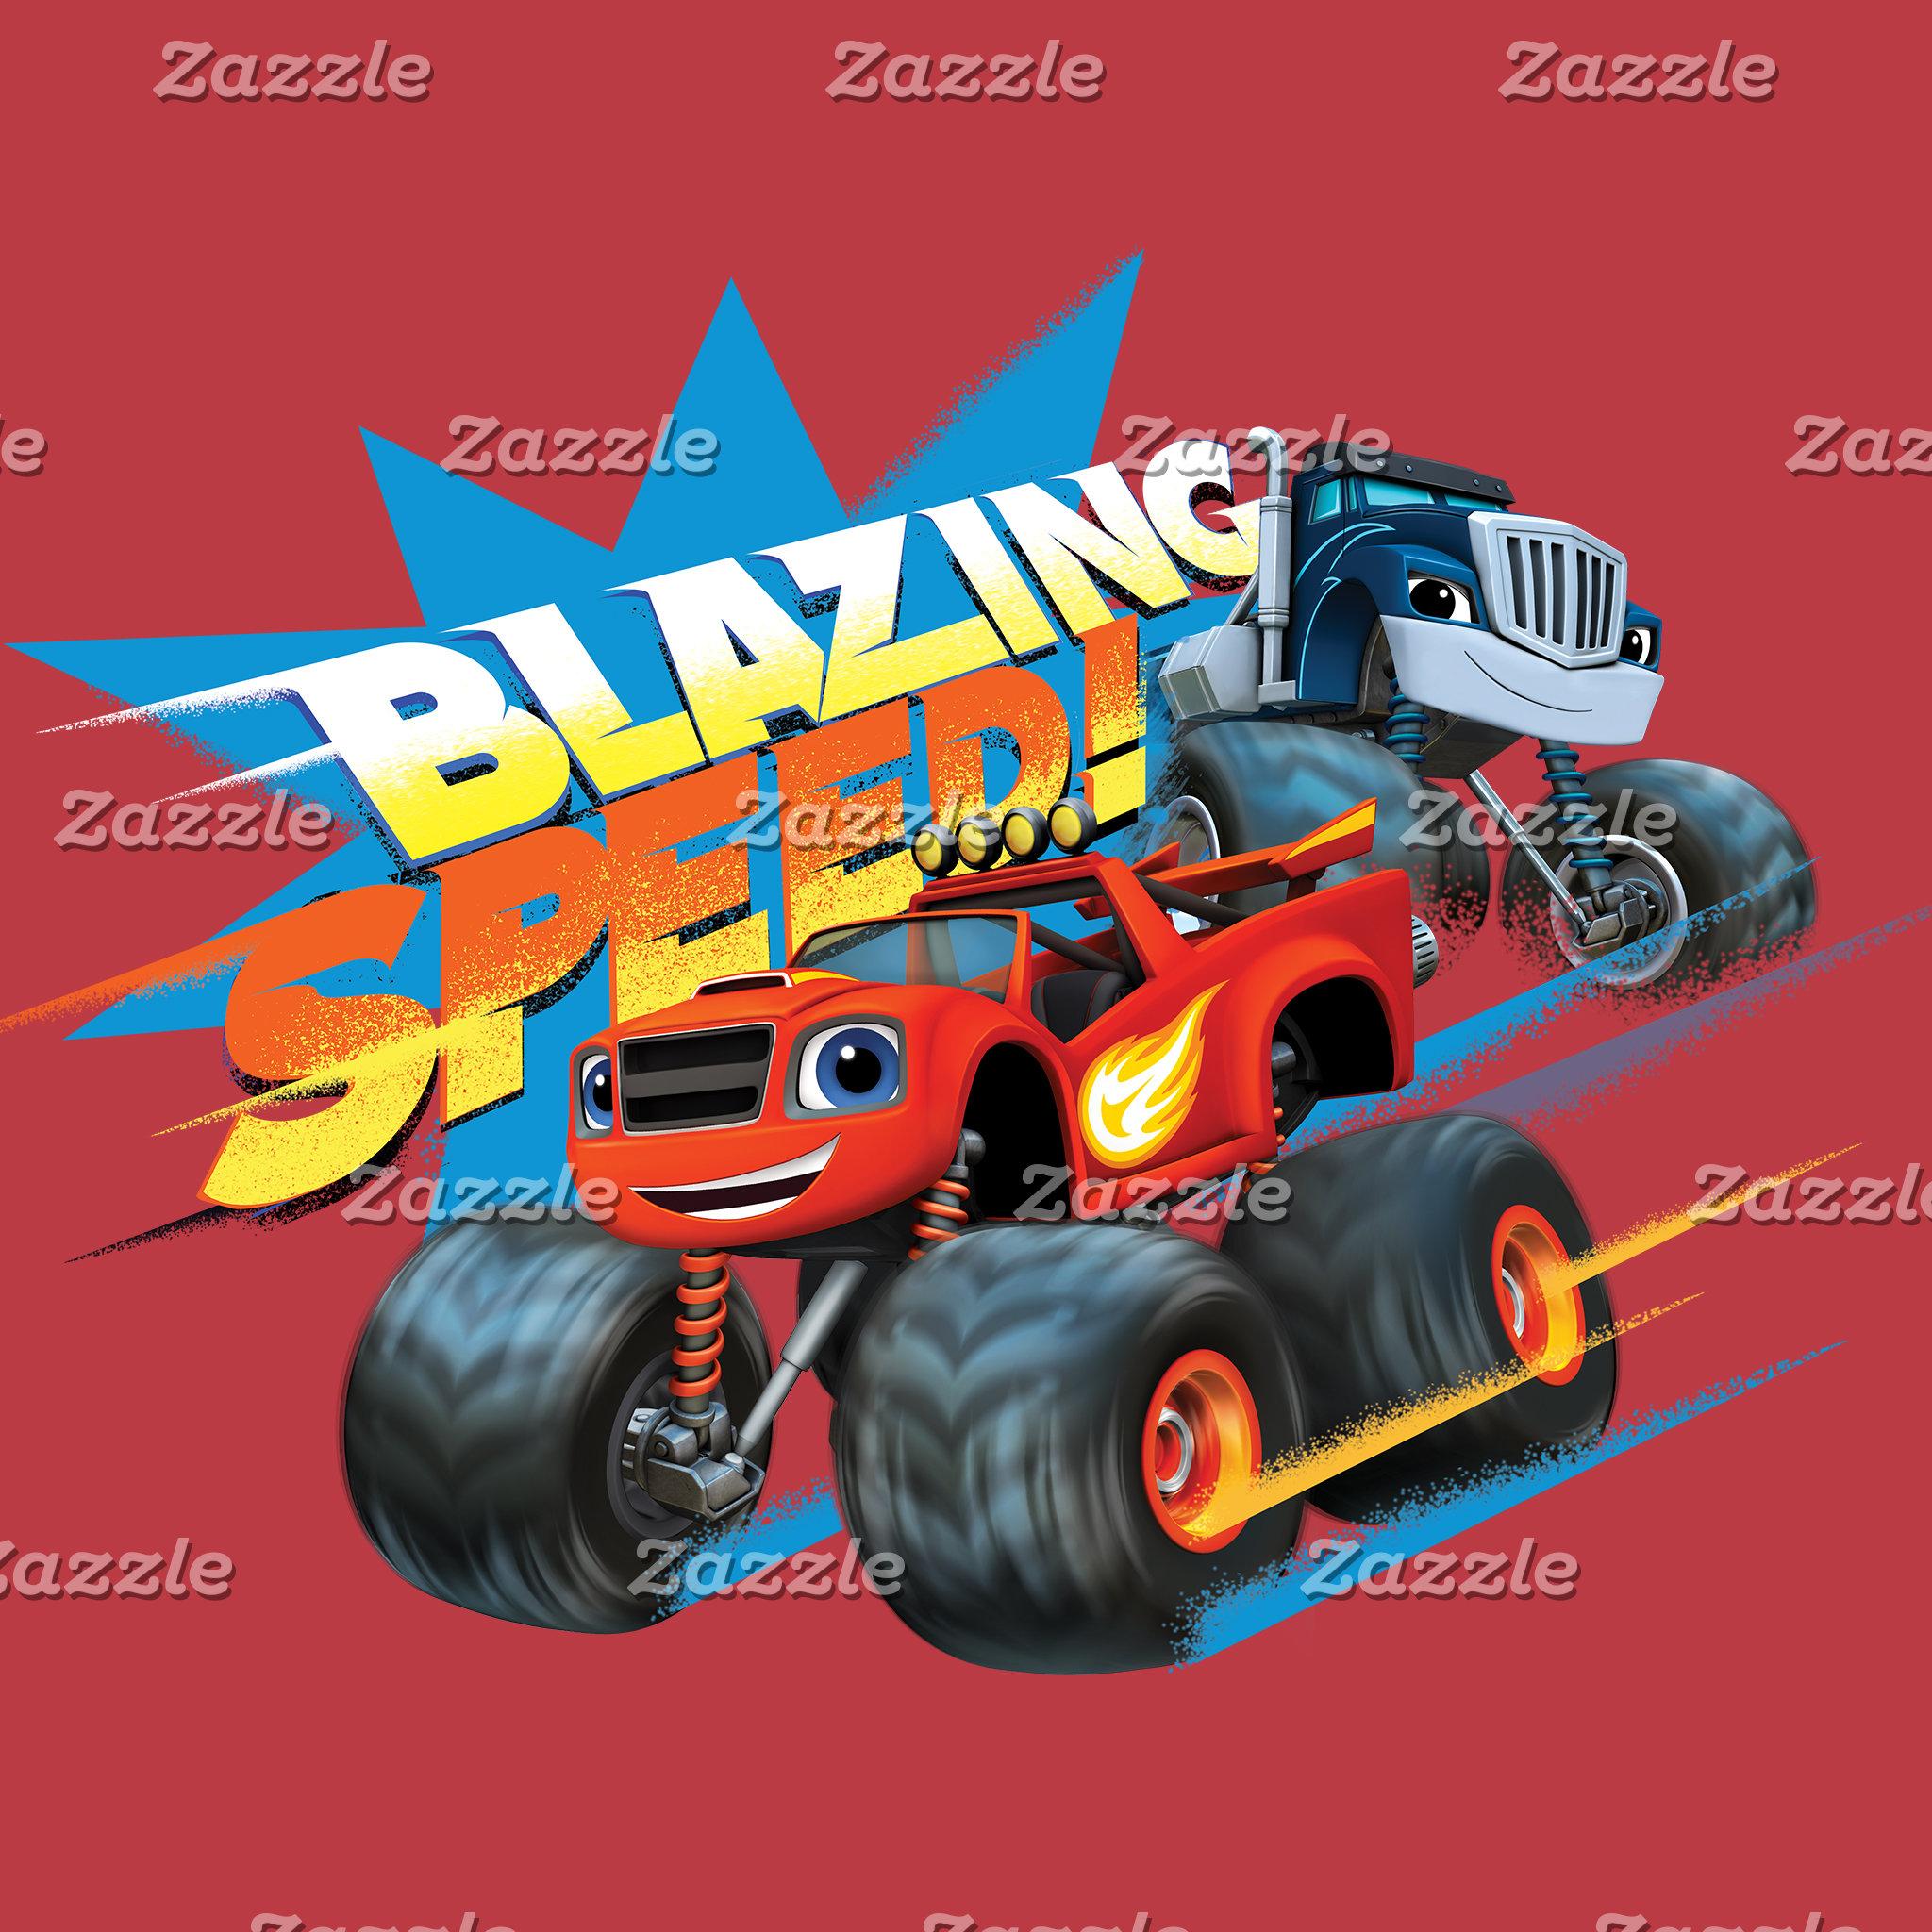 Blaze | Blazing Speed